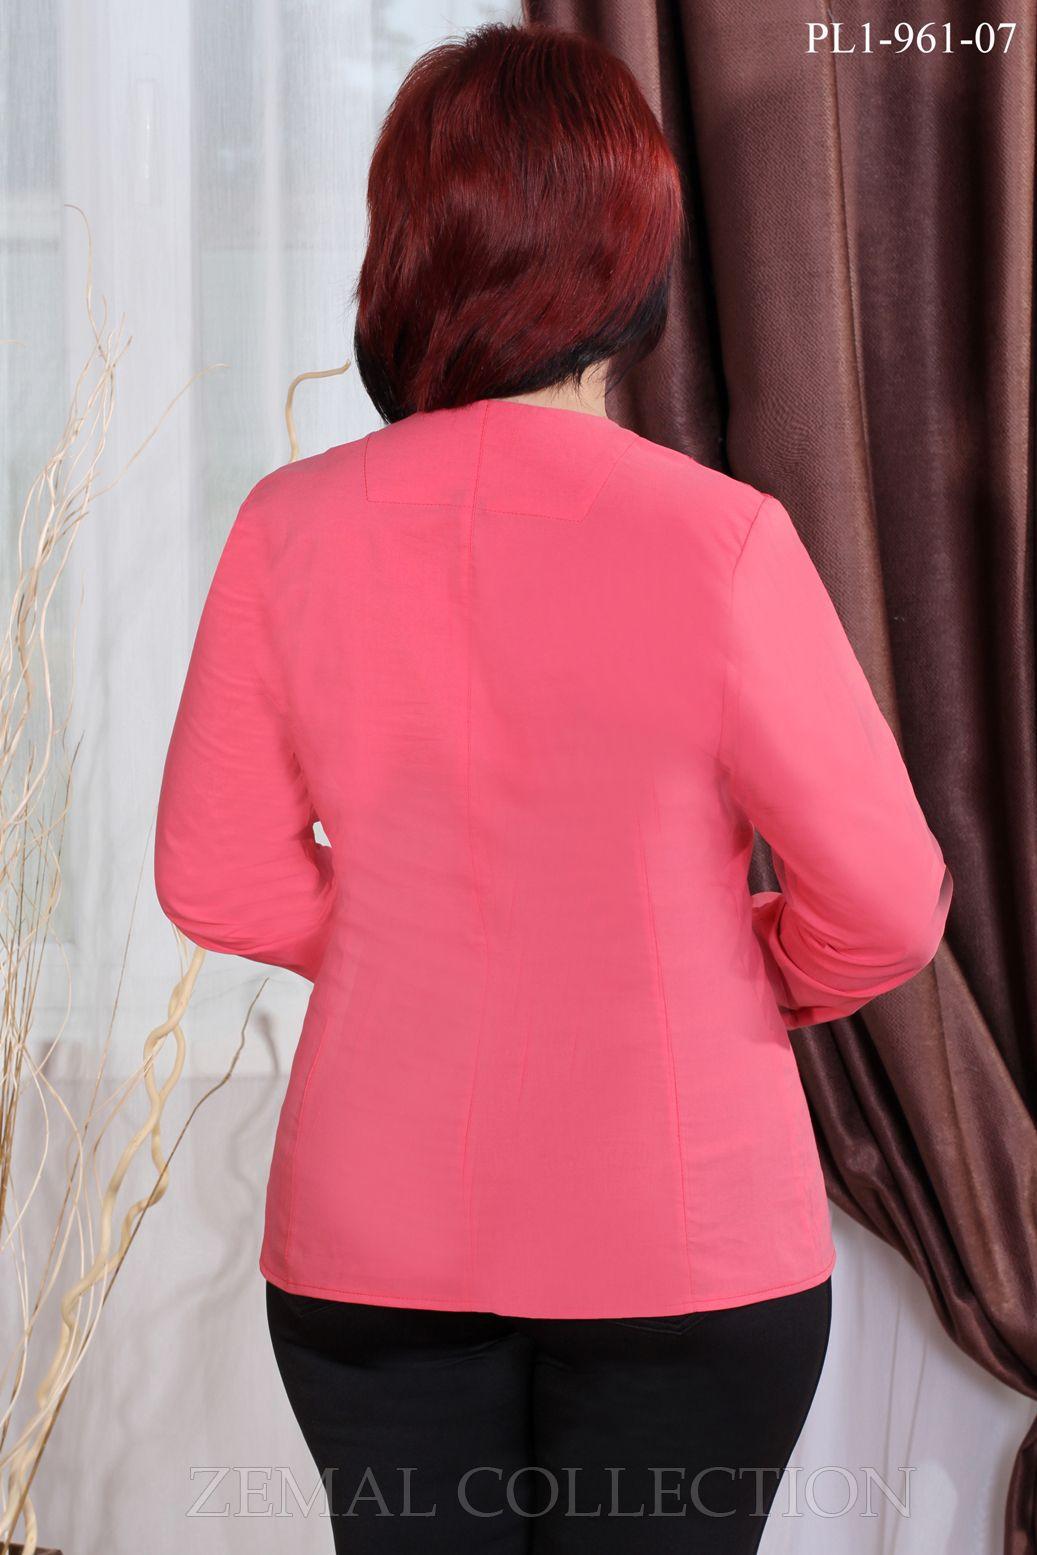 Купить Женские Блузки Больших Размеров Недорого